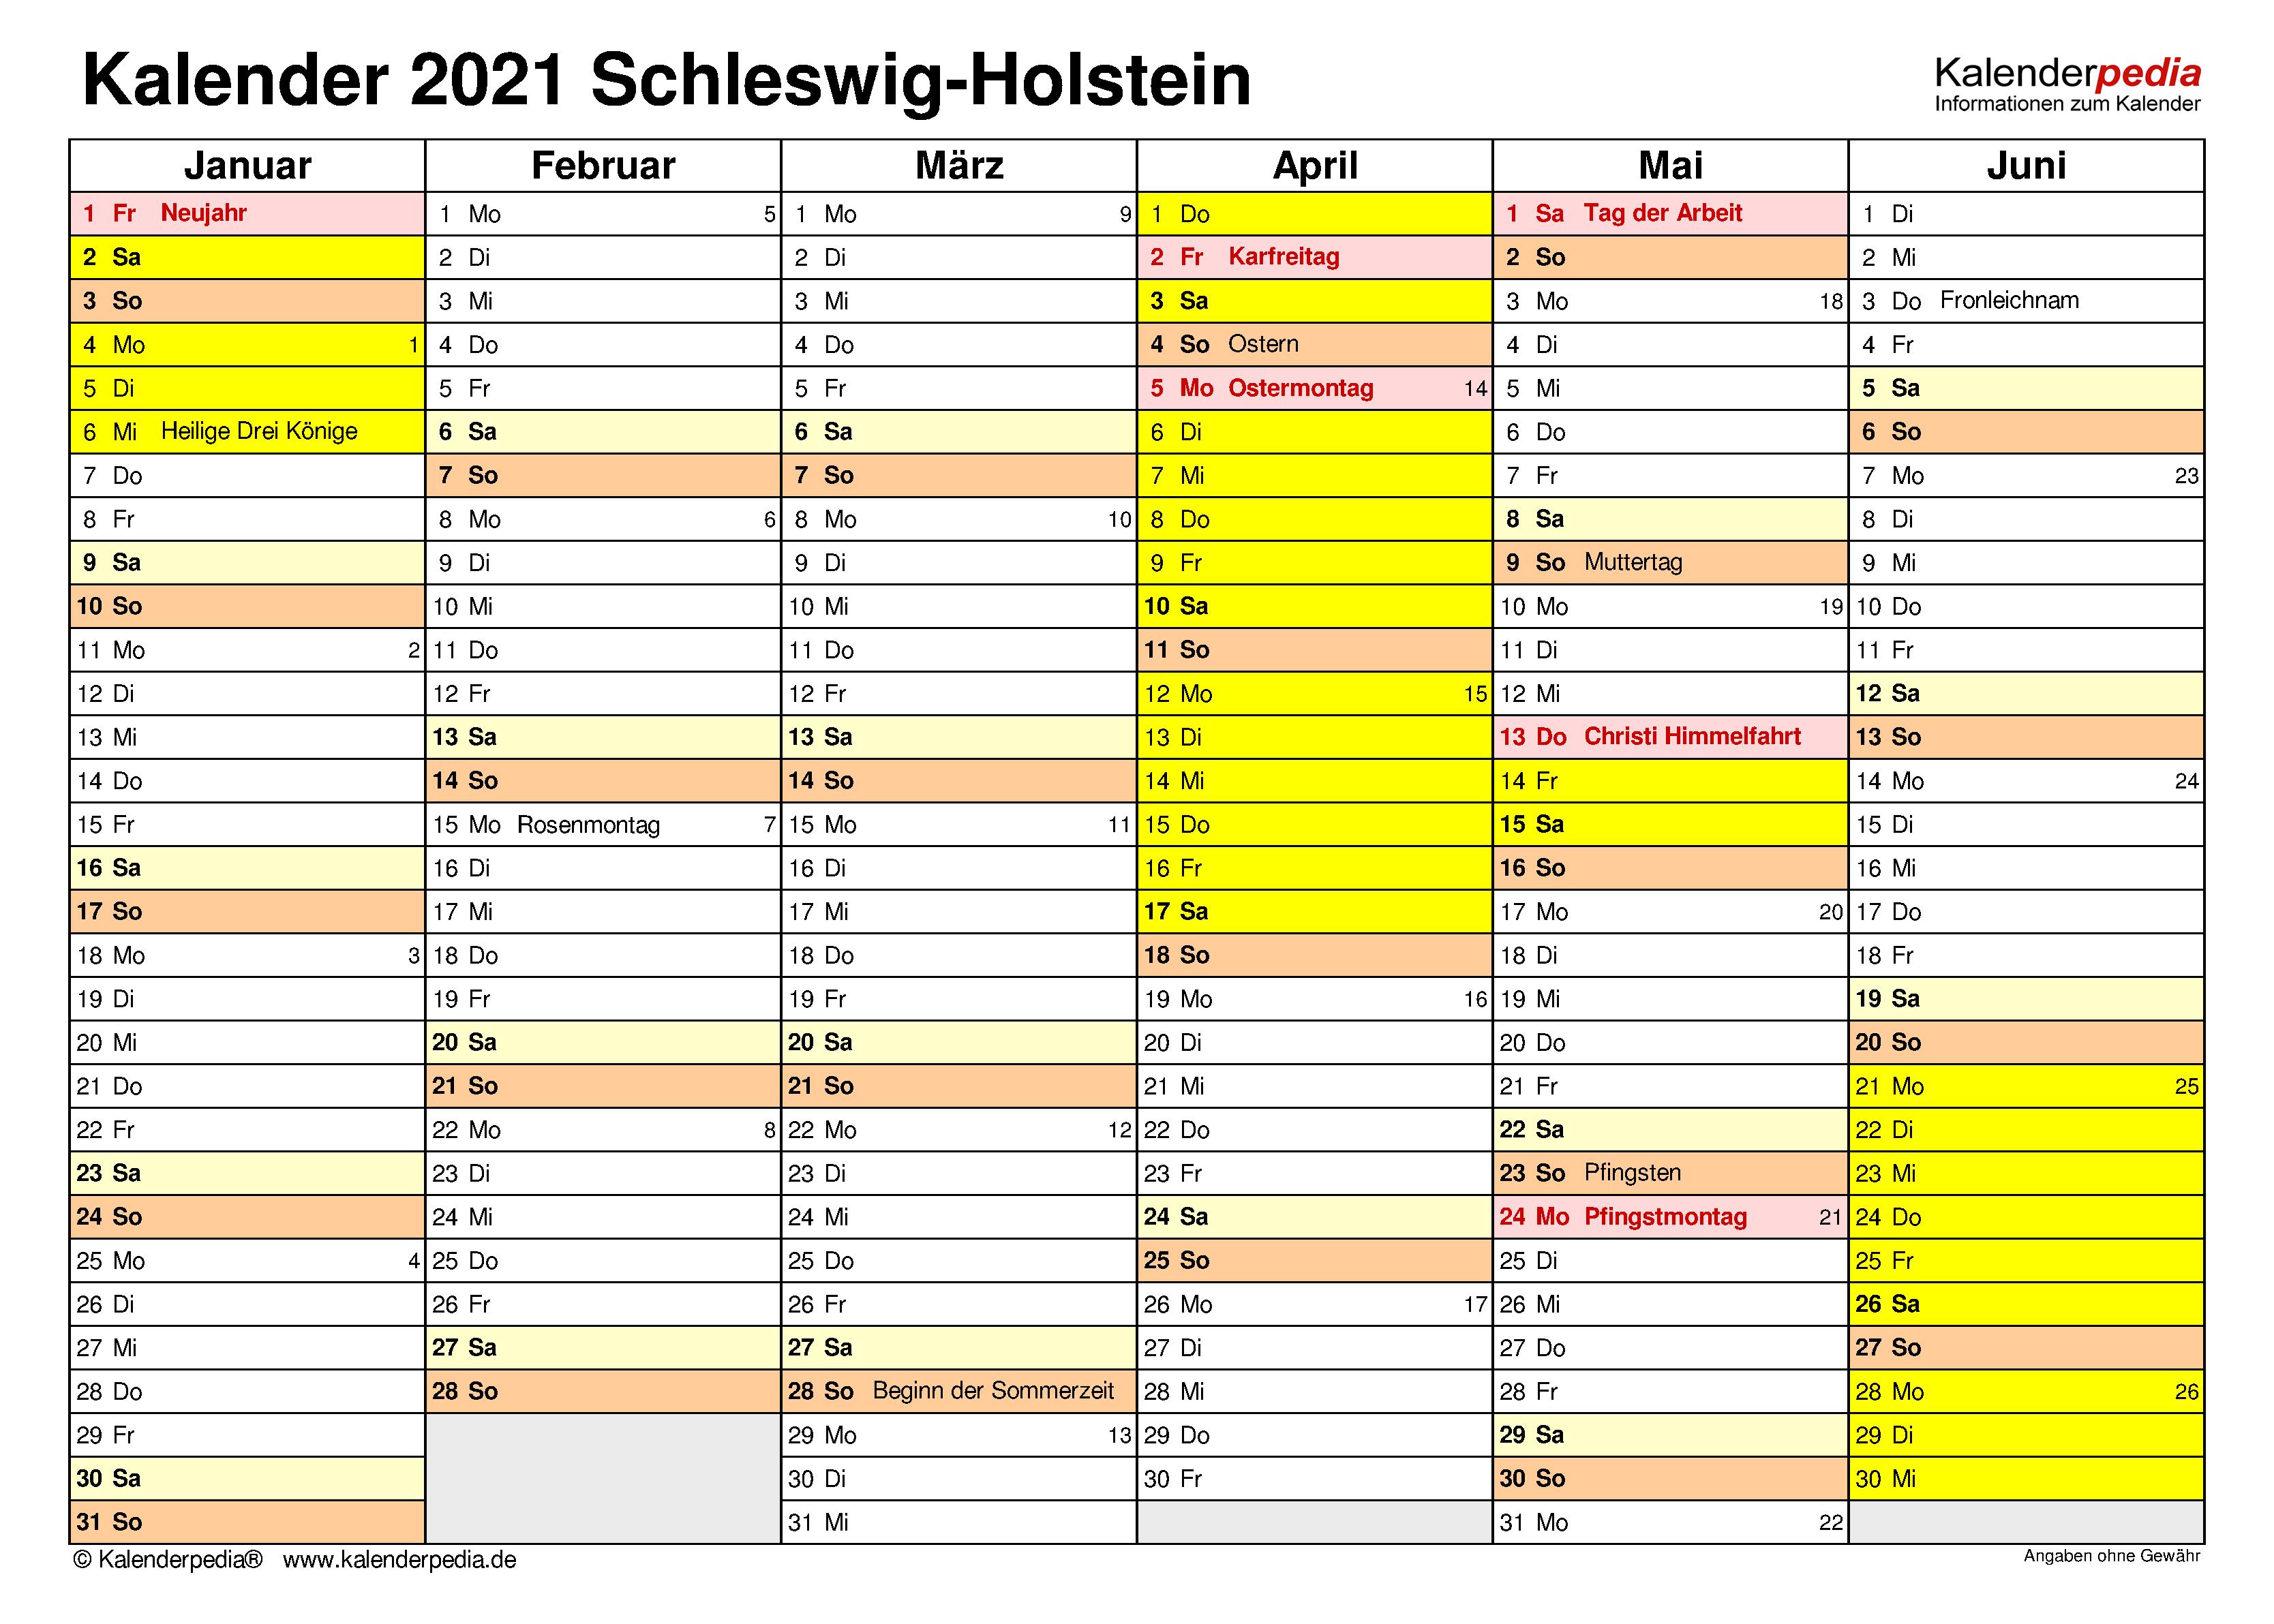 Kalender 2021 Nrw : Kalender 2022 NRW: Ferien, Feiertage ...